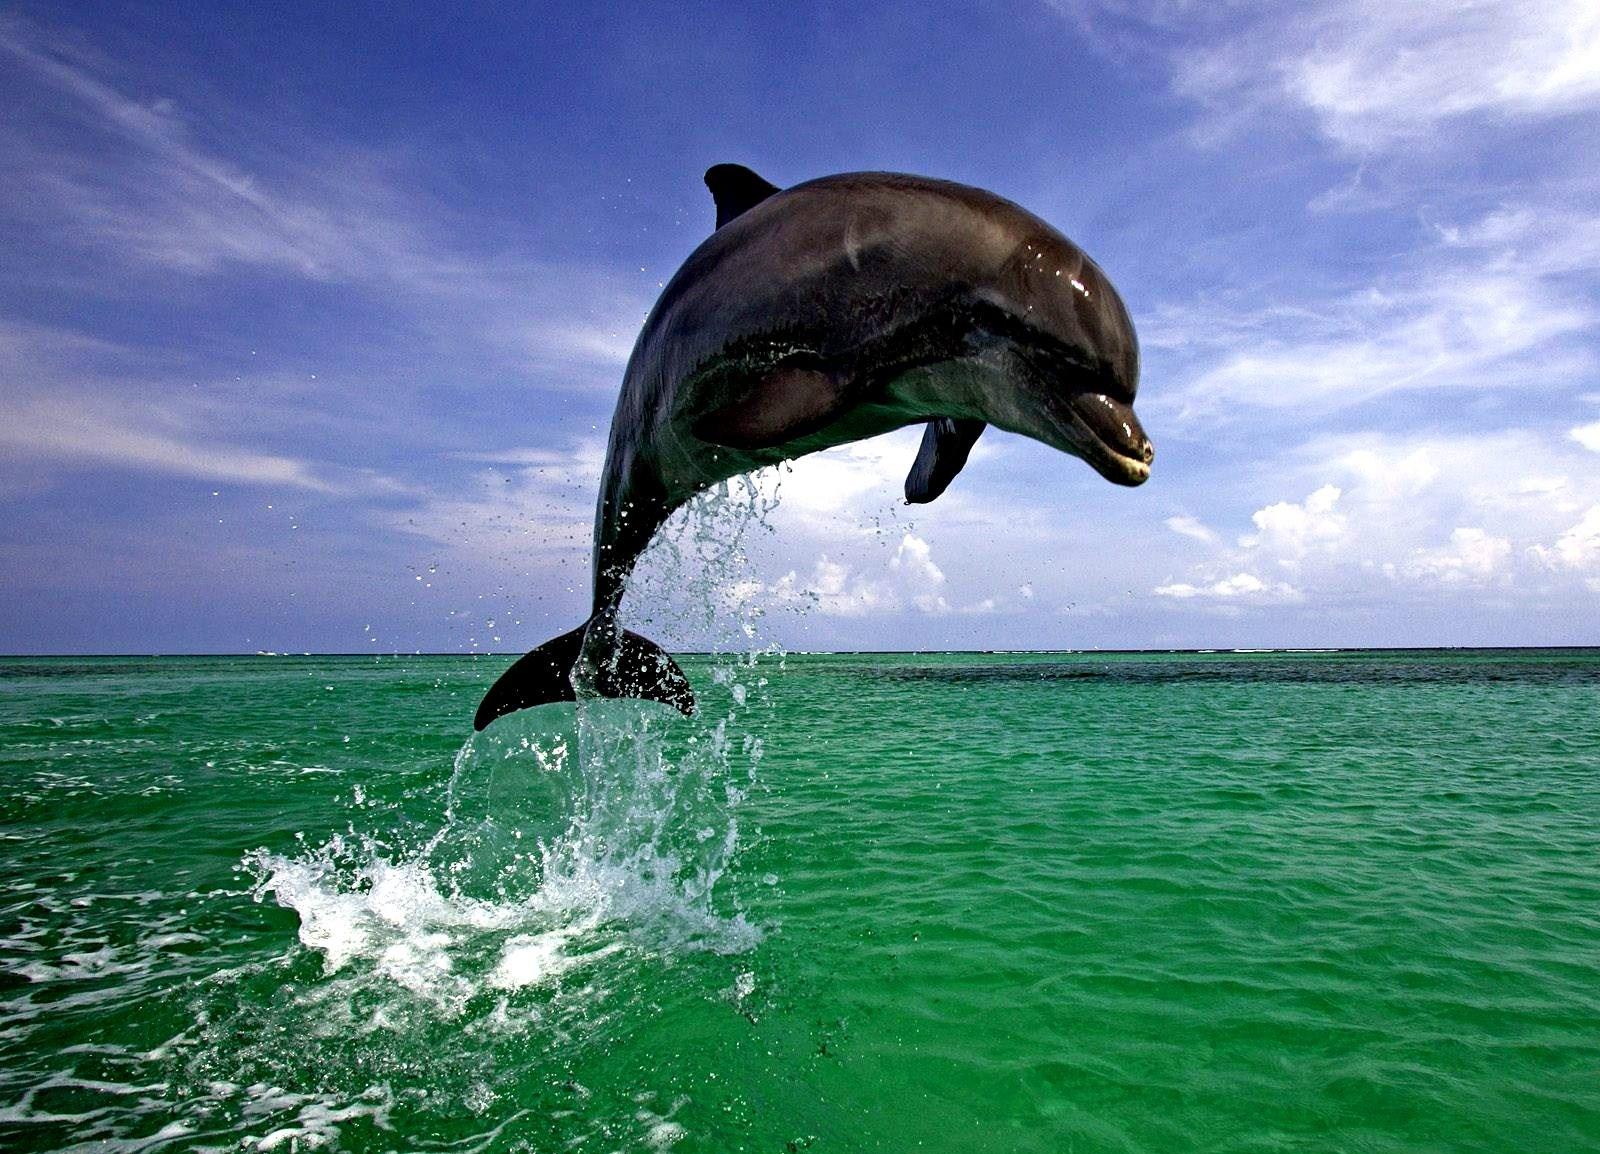 Дельфин в прыжке 1600 x 1154...